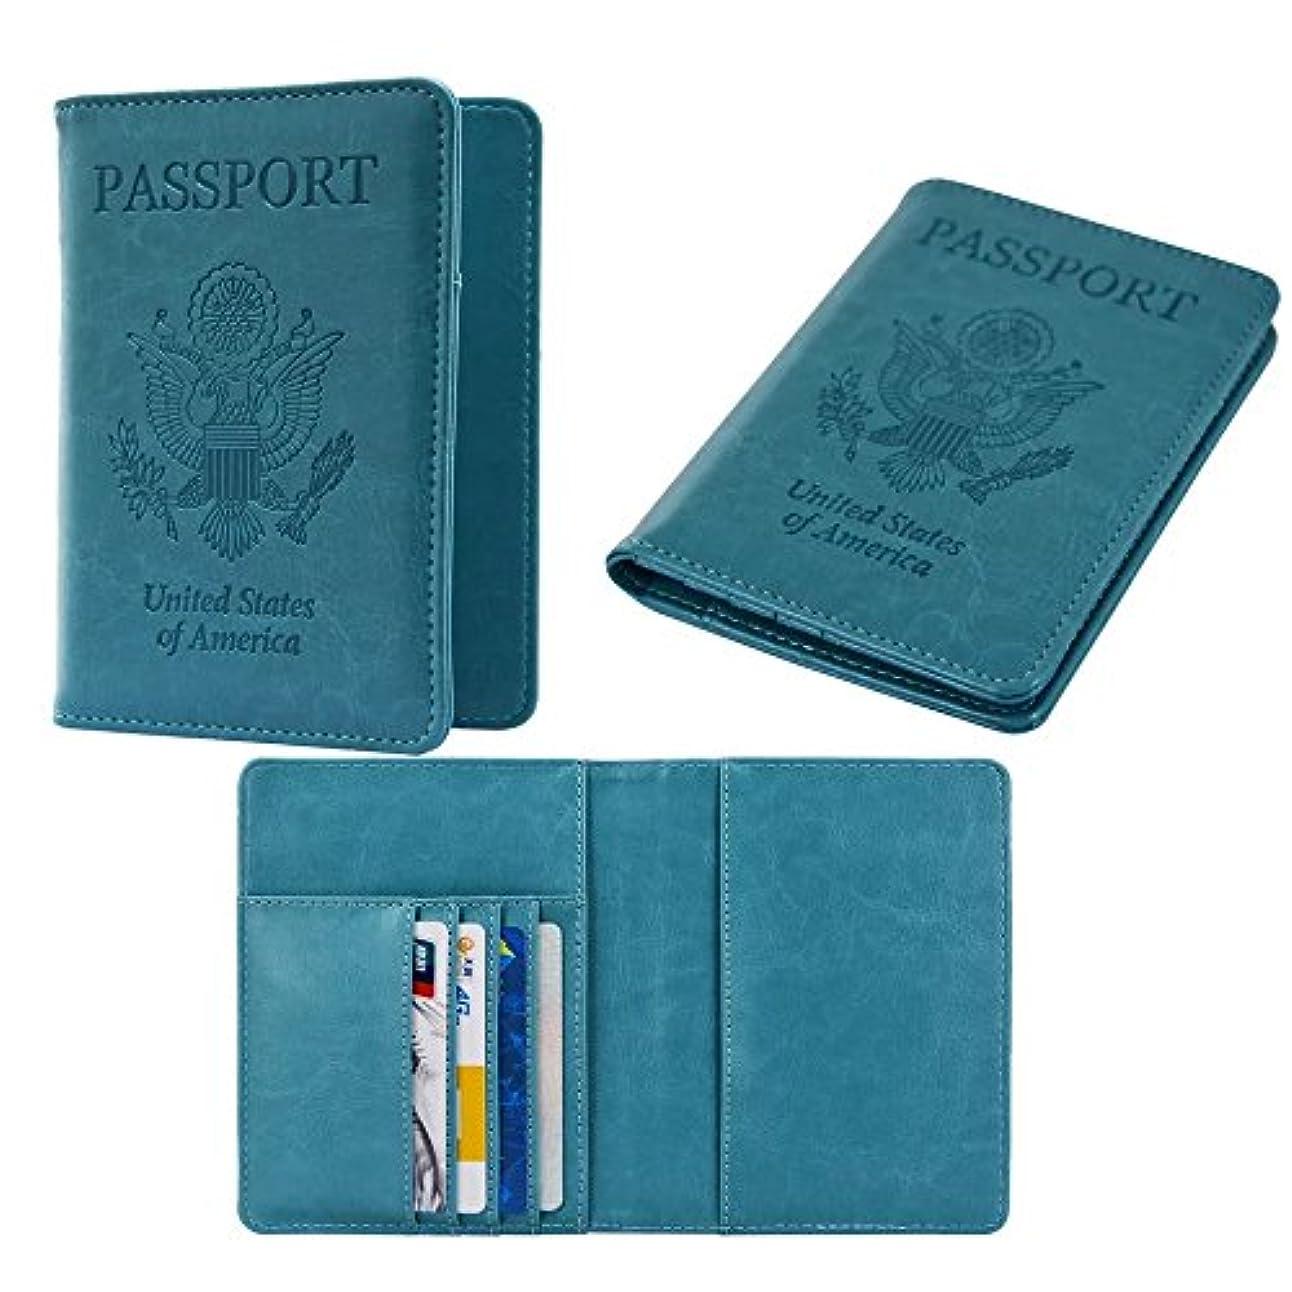 威するスリッパアナウンサーRFID Blocking Leather Passport Holder Wallet Case Cover PU For Men and Women パスポートケース ホルダー トラベルウォレット スキミング防止 安全な海外旅行用 高級PUレザーパスポートカバー 多機能収納ポケット 名刺 クレジットカード 航空券 エアチケット (青)